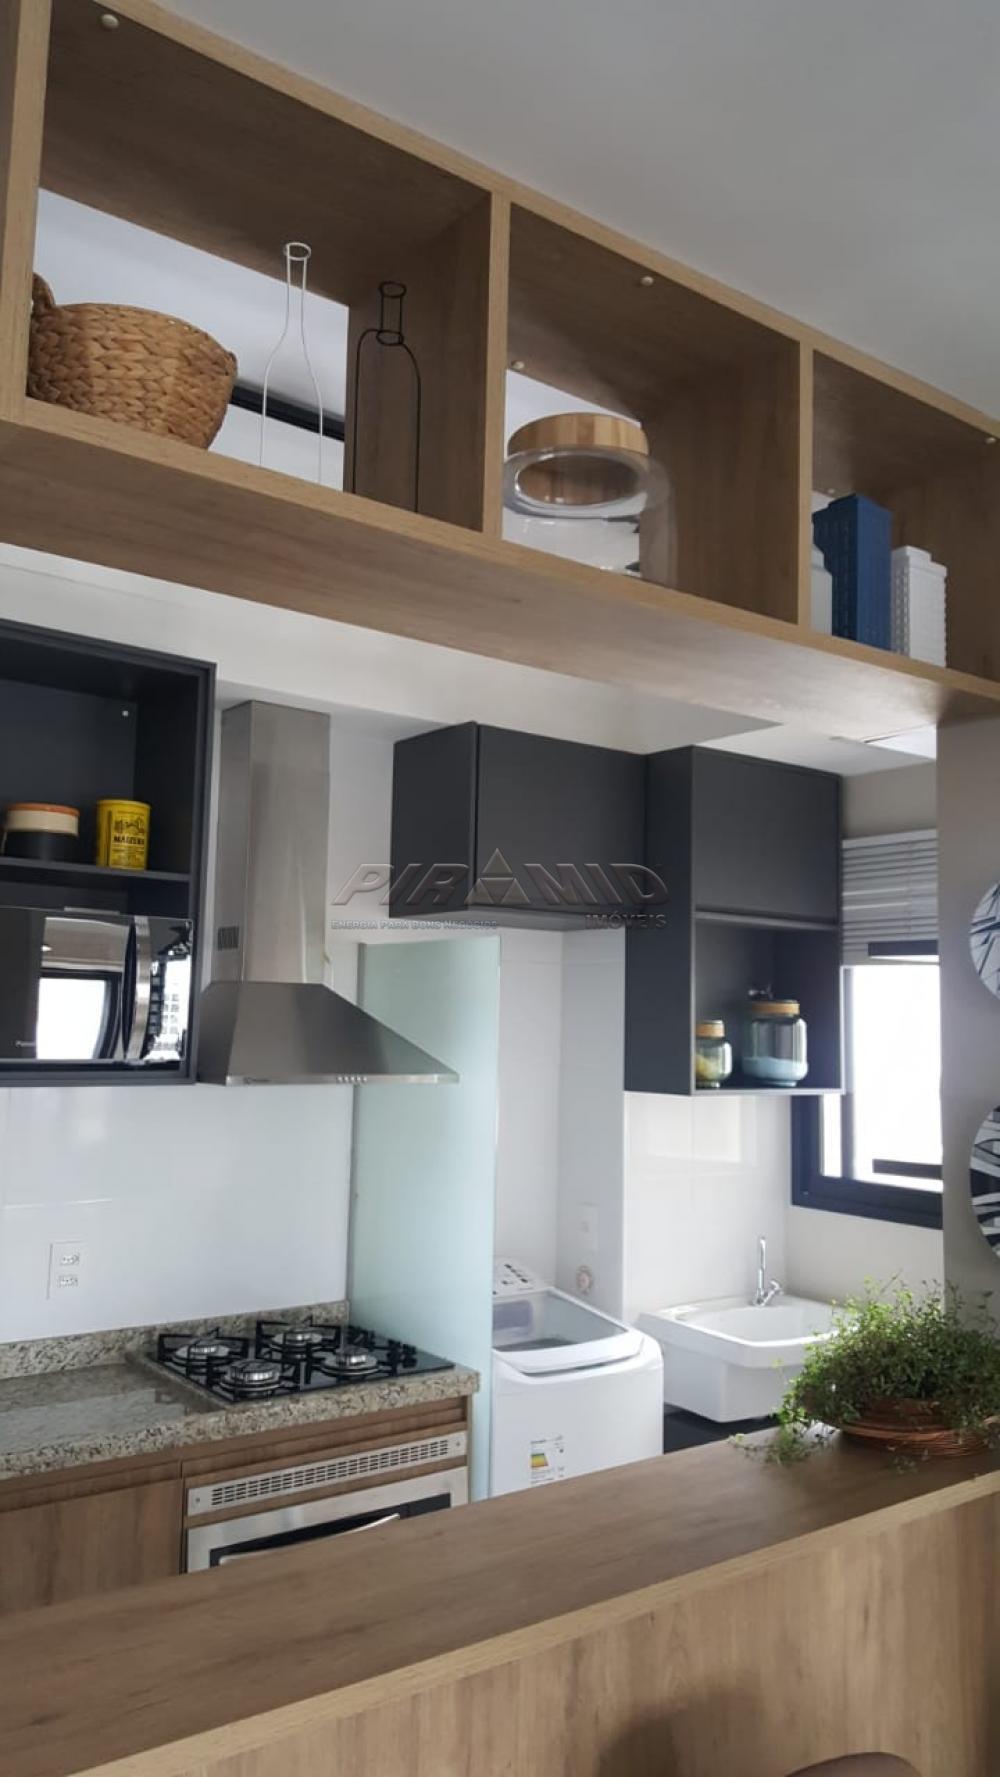 Comprar Apartamento / Padrão em Ribeirão Preto apenas R$ 203.320,00 - Foto 3